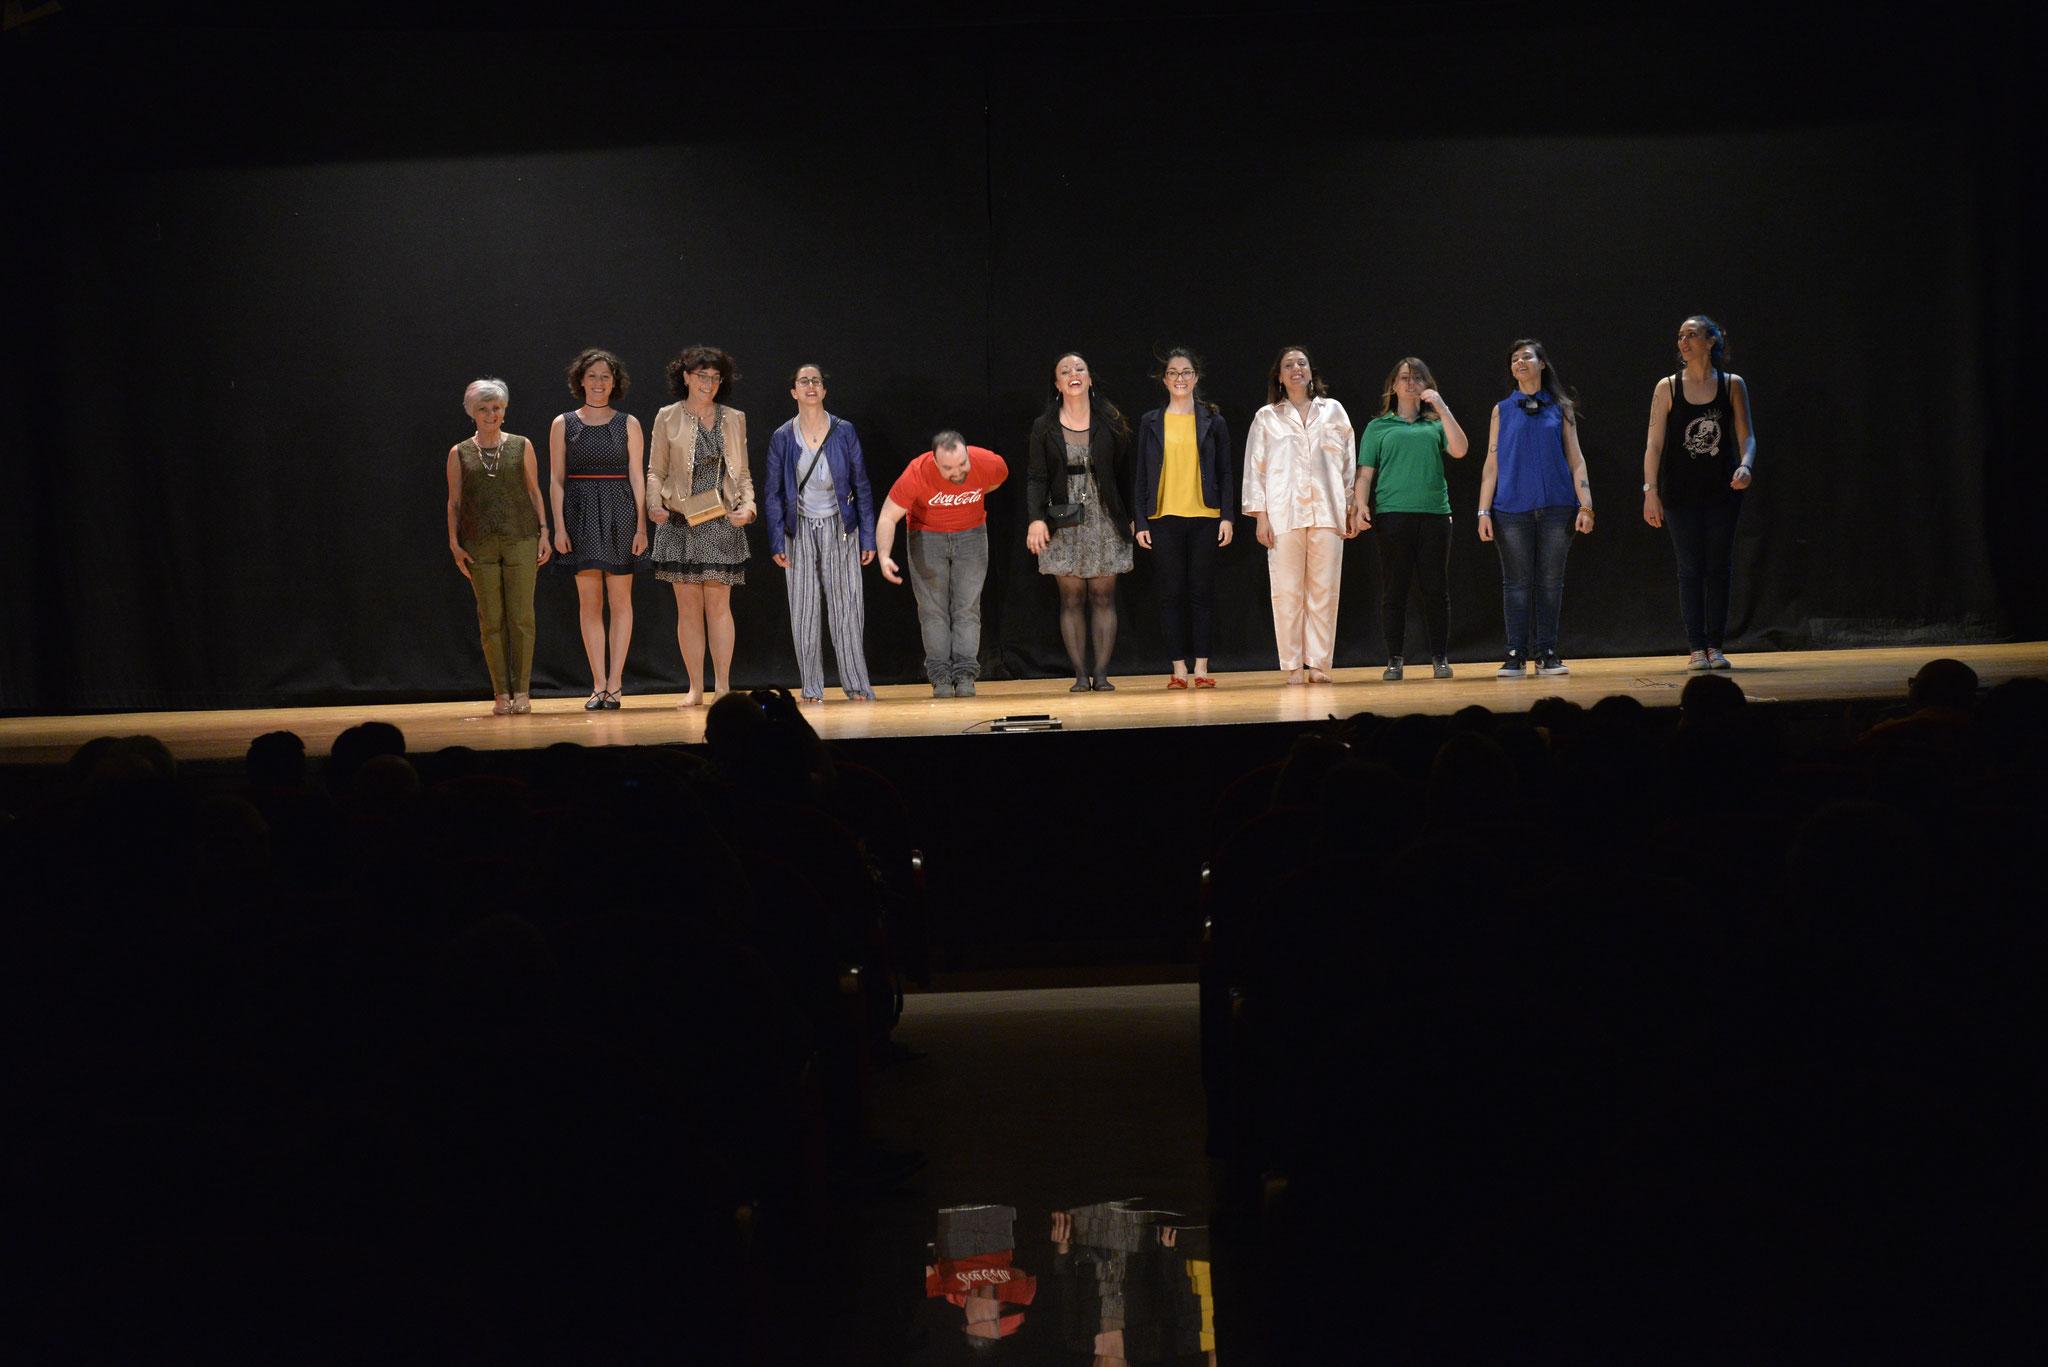 Foto di Marco Iacuaniello - saggi teatro adulti 2019